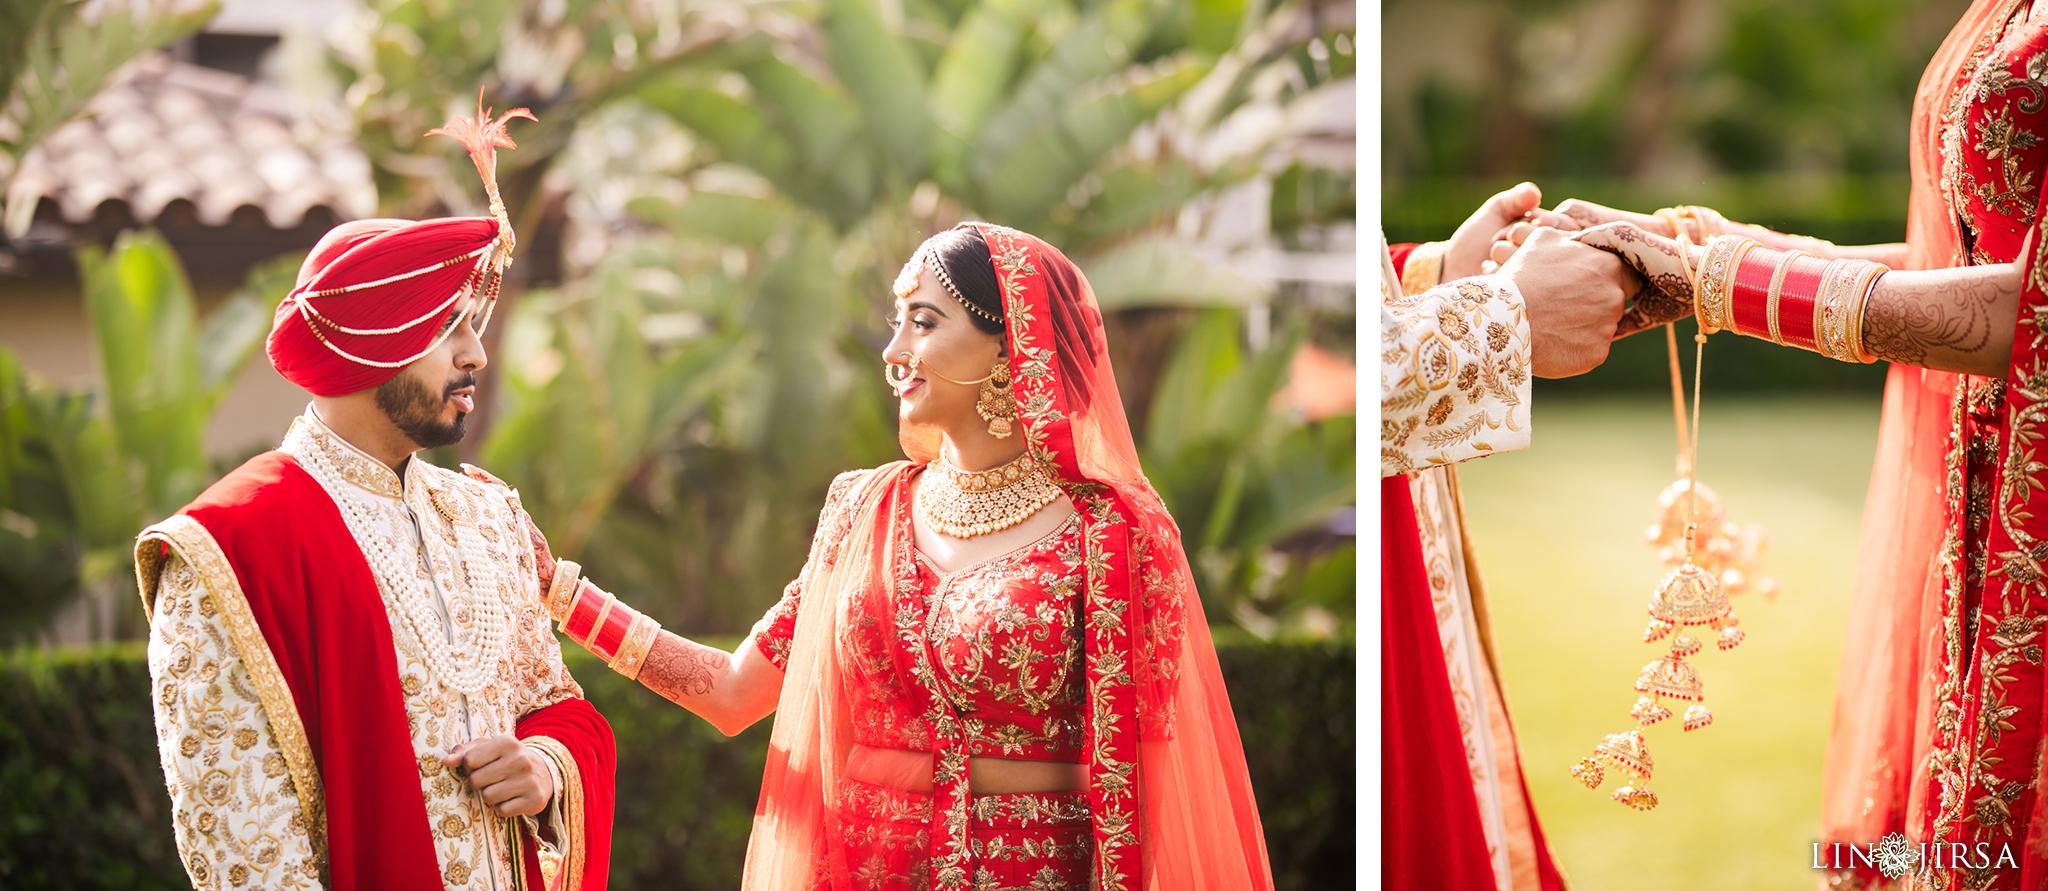 09 Hotel Irvine Punjabi Hindu Indian Wedding Photography